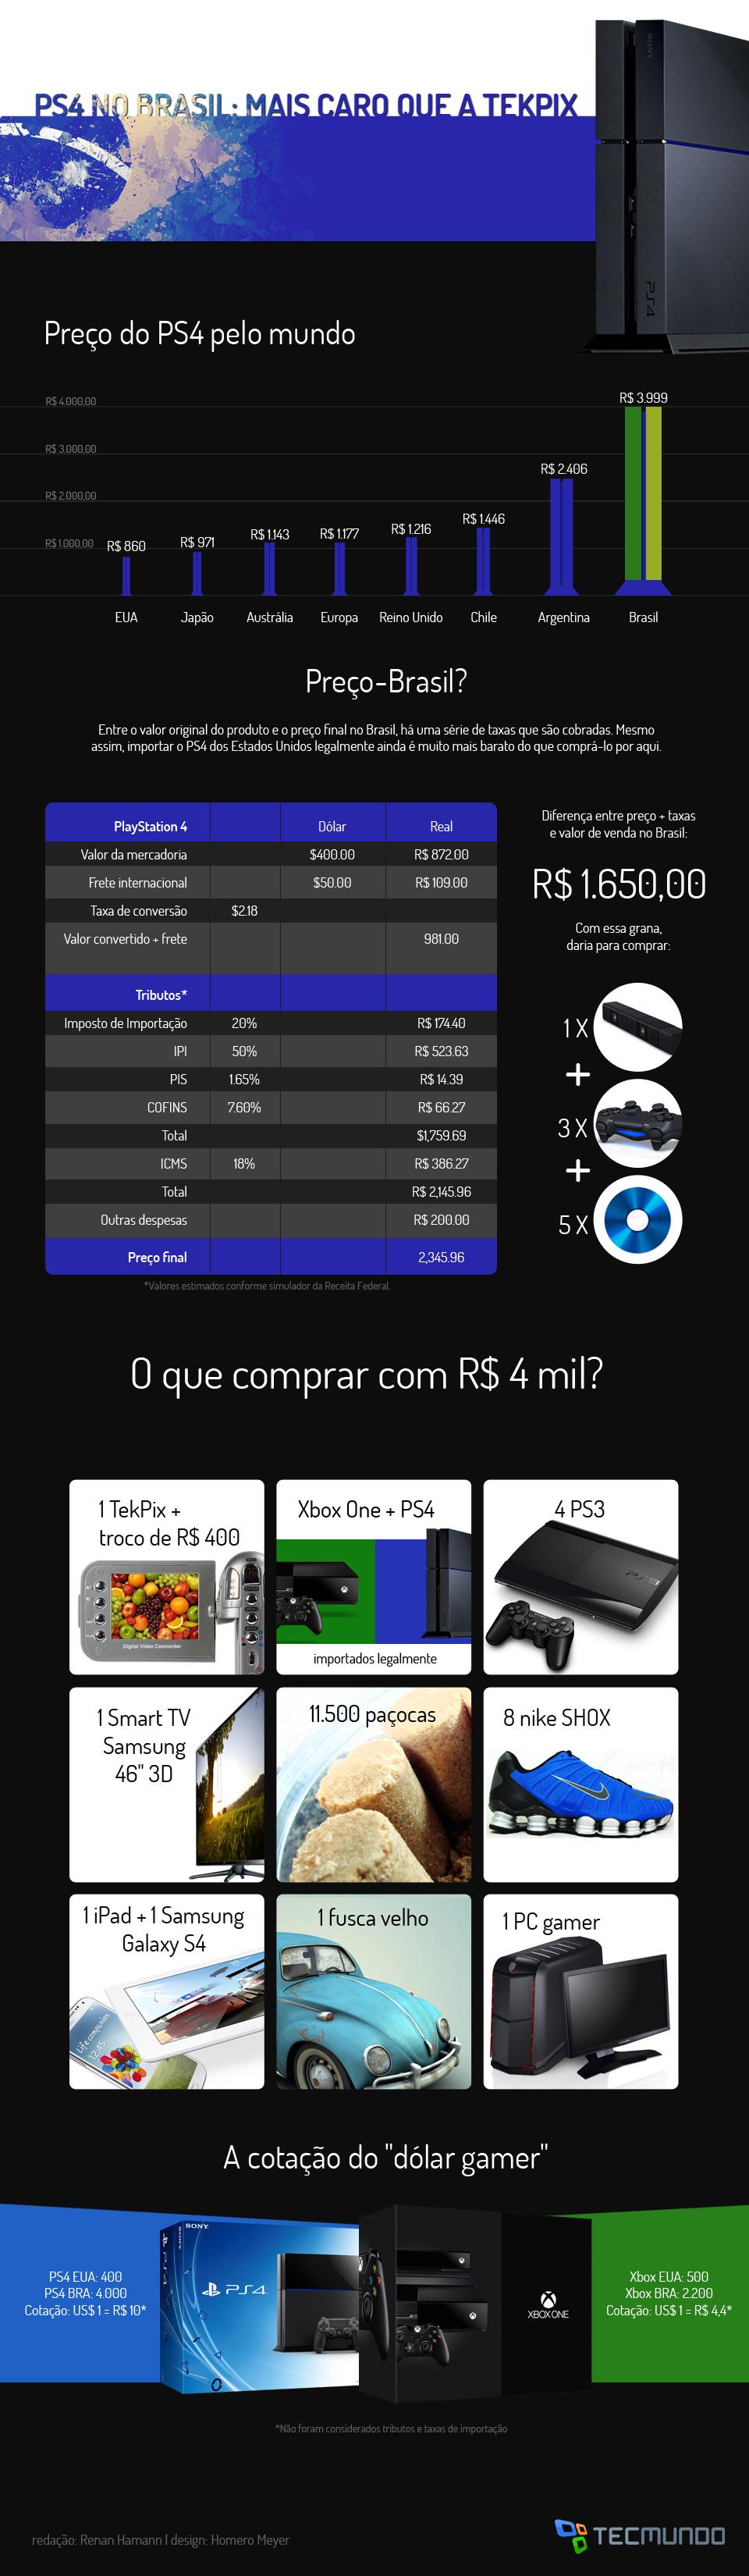 PS4 no Brasil: mais caro que uma Tekpix [infográfico]